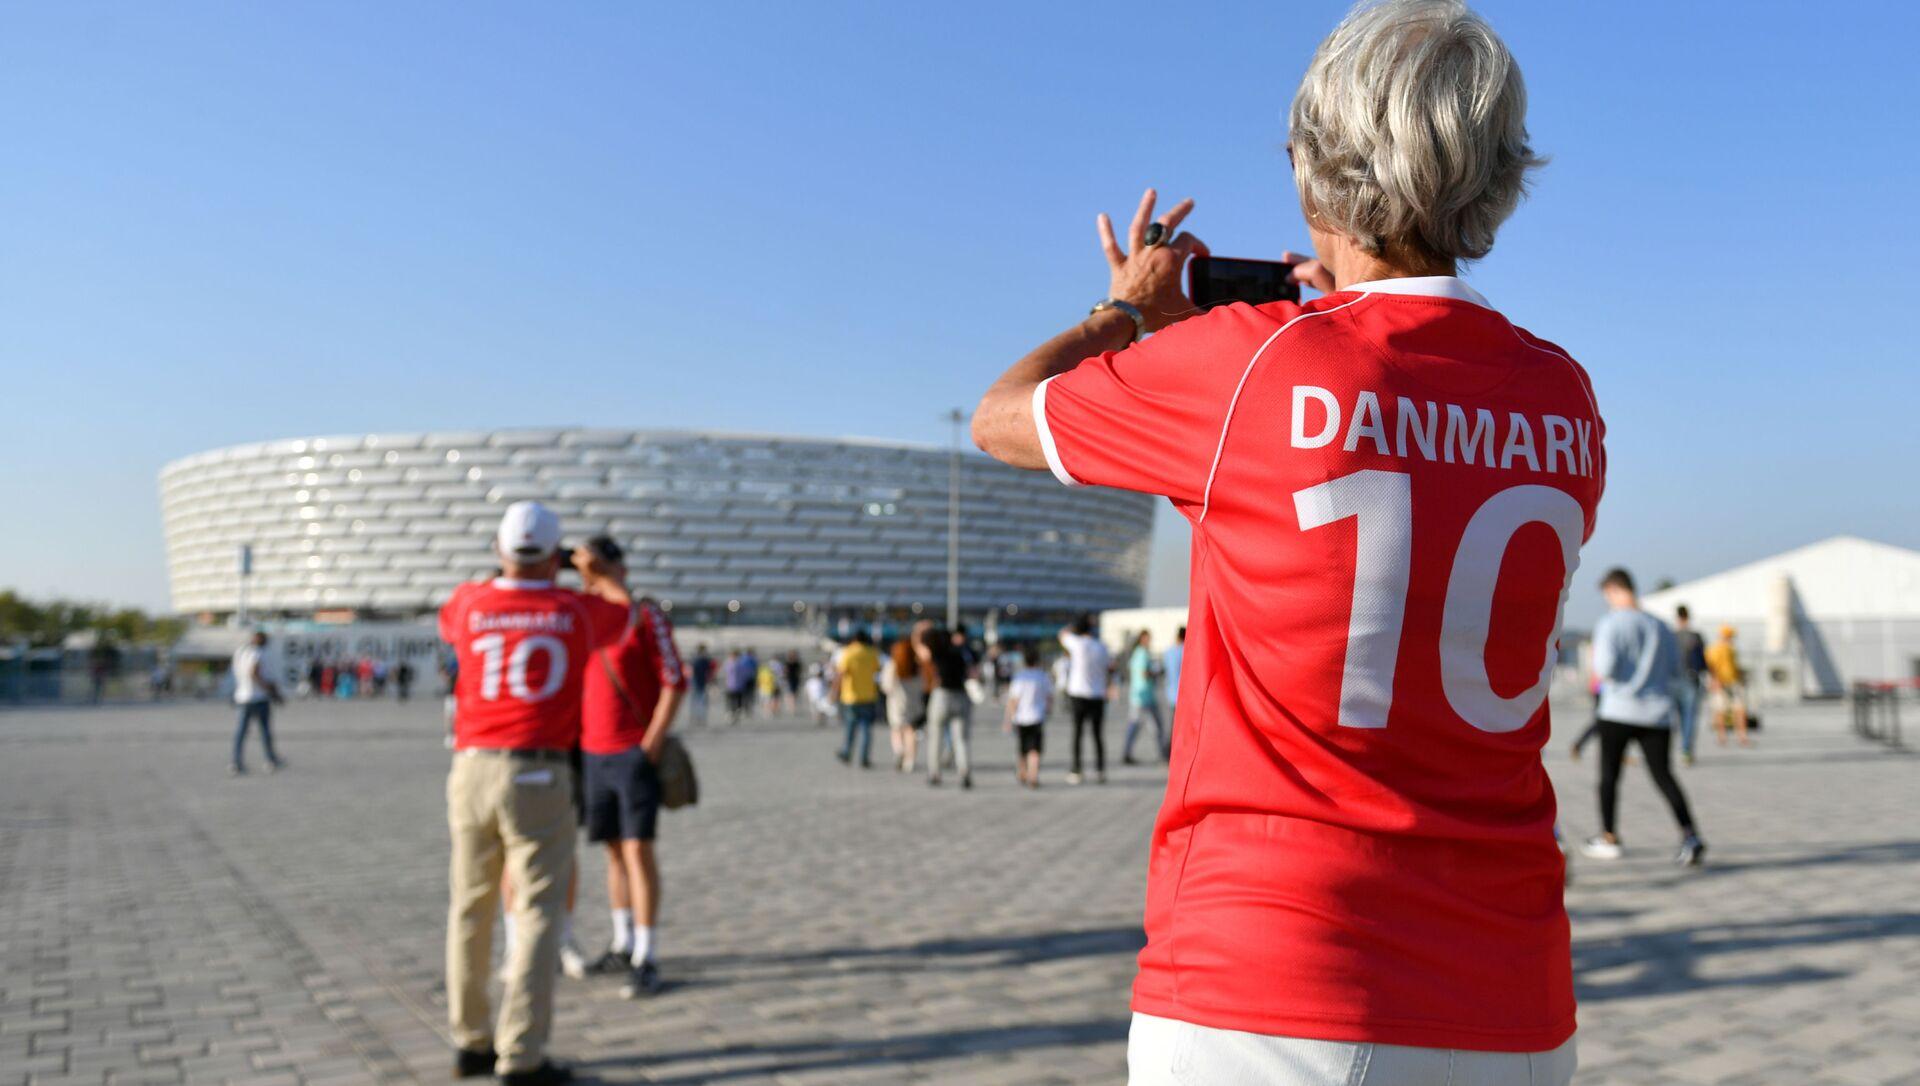 Болельщики сборной Дании возле стадиона ЕВРО-2020 в Баку - Sputnik Азербайджан, 1920, 03.07.2021